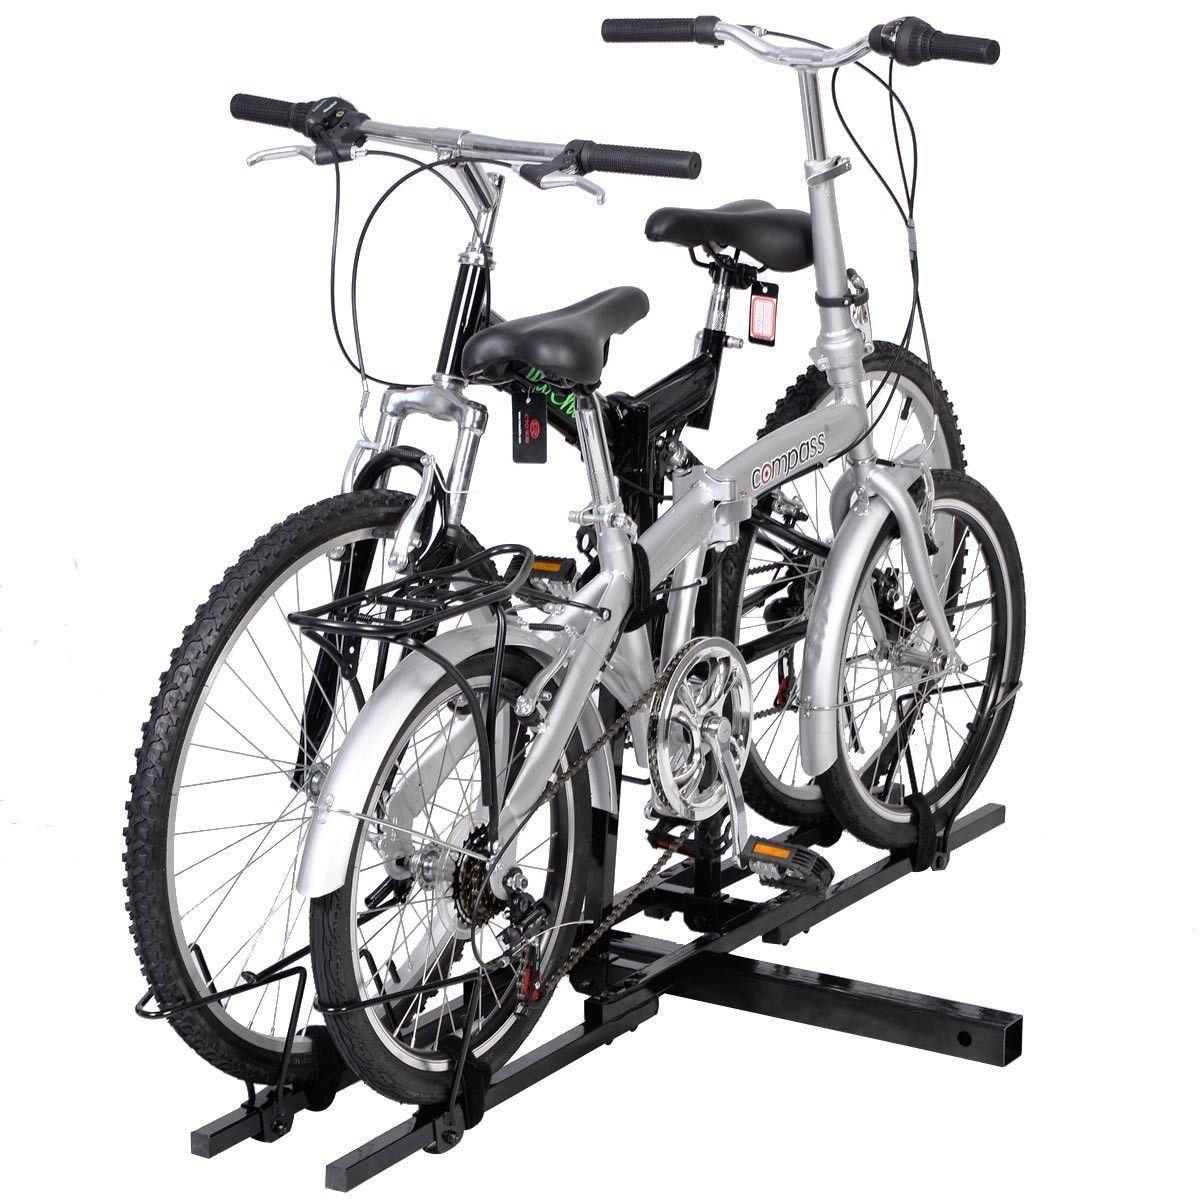 bike rack suv amazonbike rack suv amazon Please Click